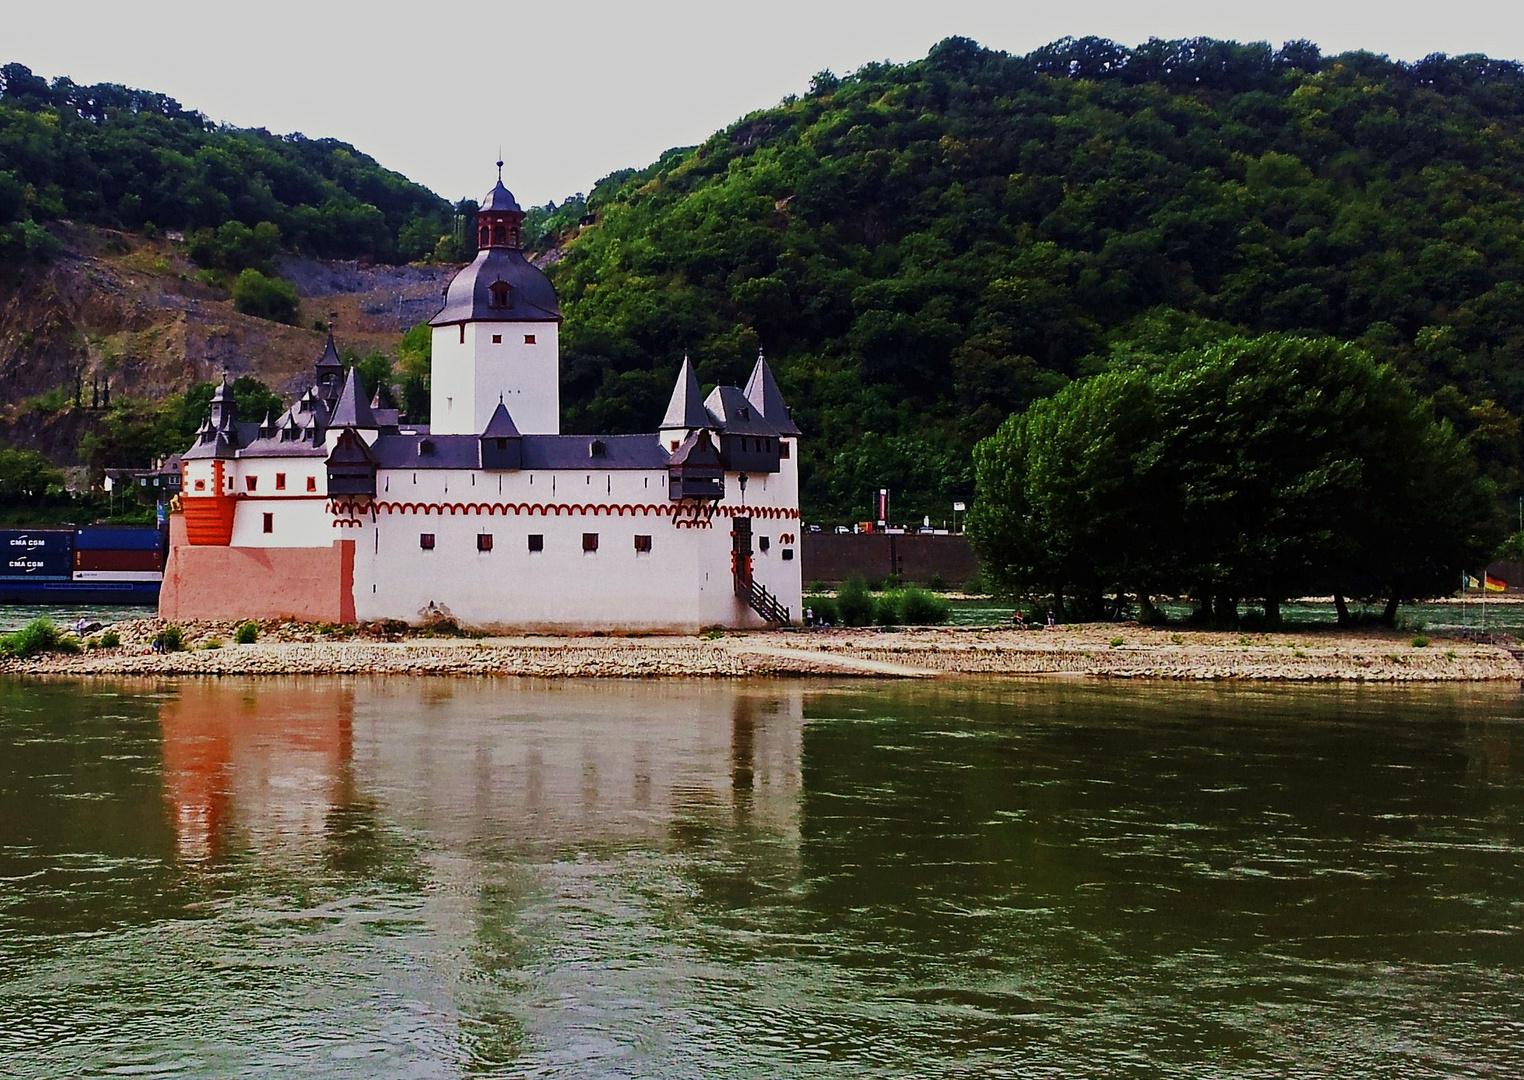 Rheinpfalz bei Kaub